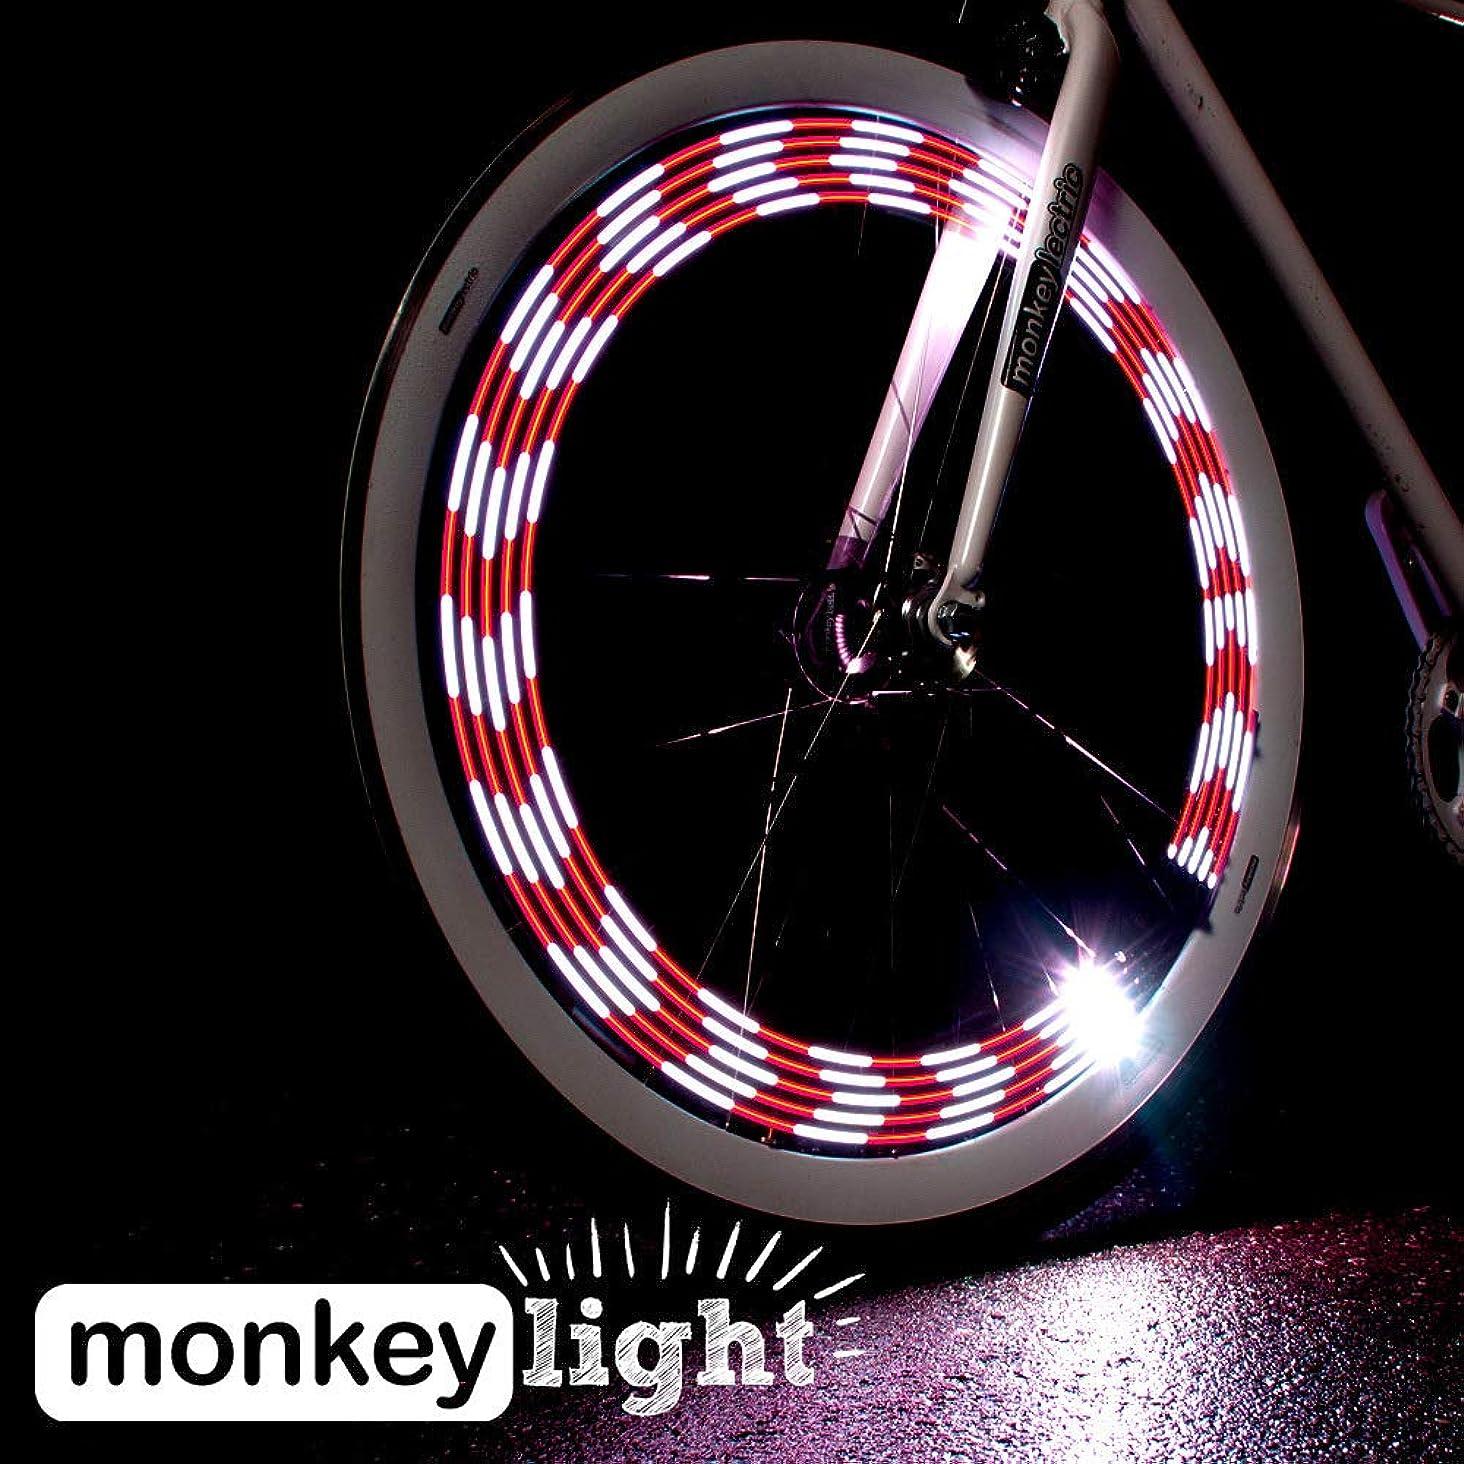 活発赤ダイバーMonkey Light M210 モンキーライト / 80ルーメンの輝度と10フルカラーLED / 自転車用 LED ホイールライト